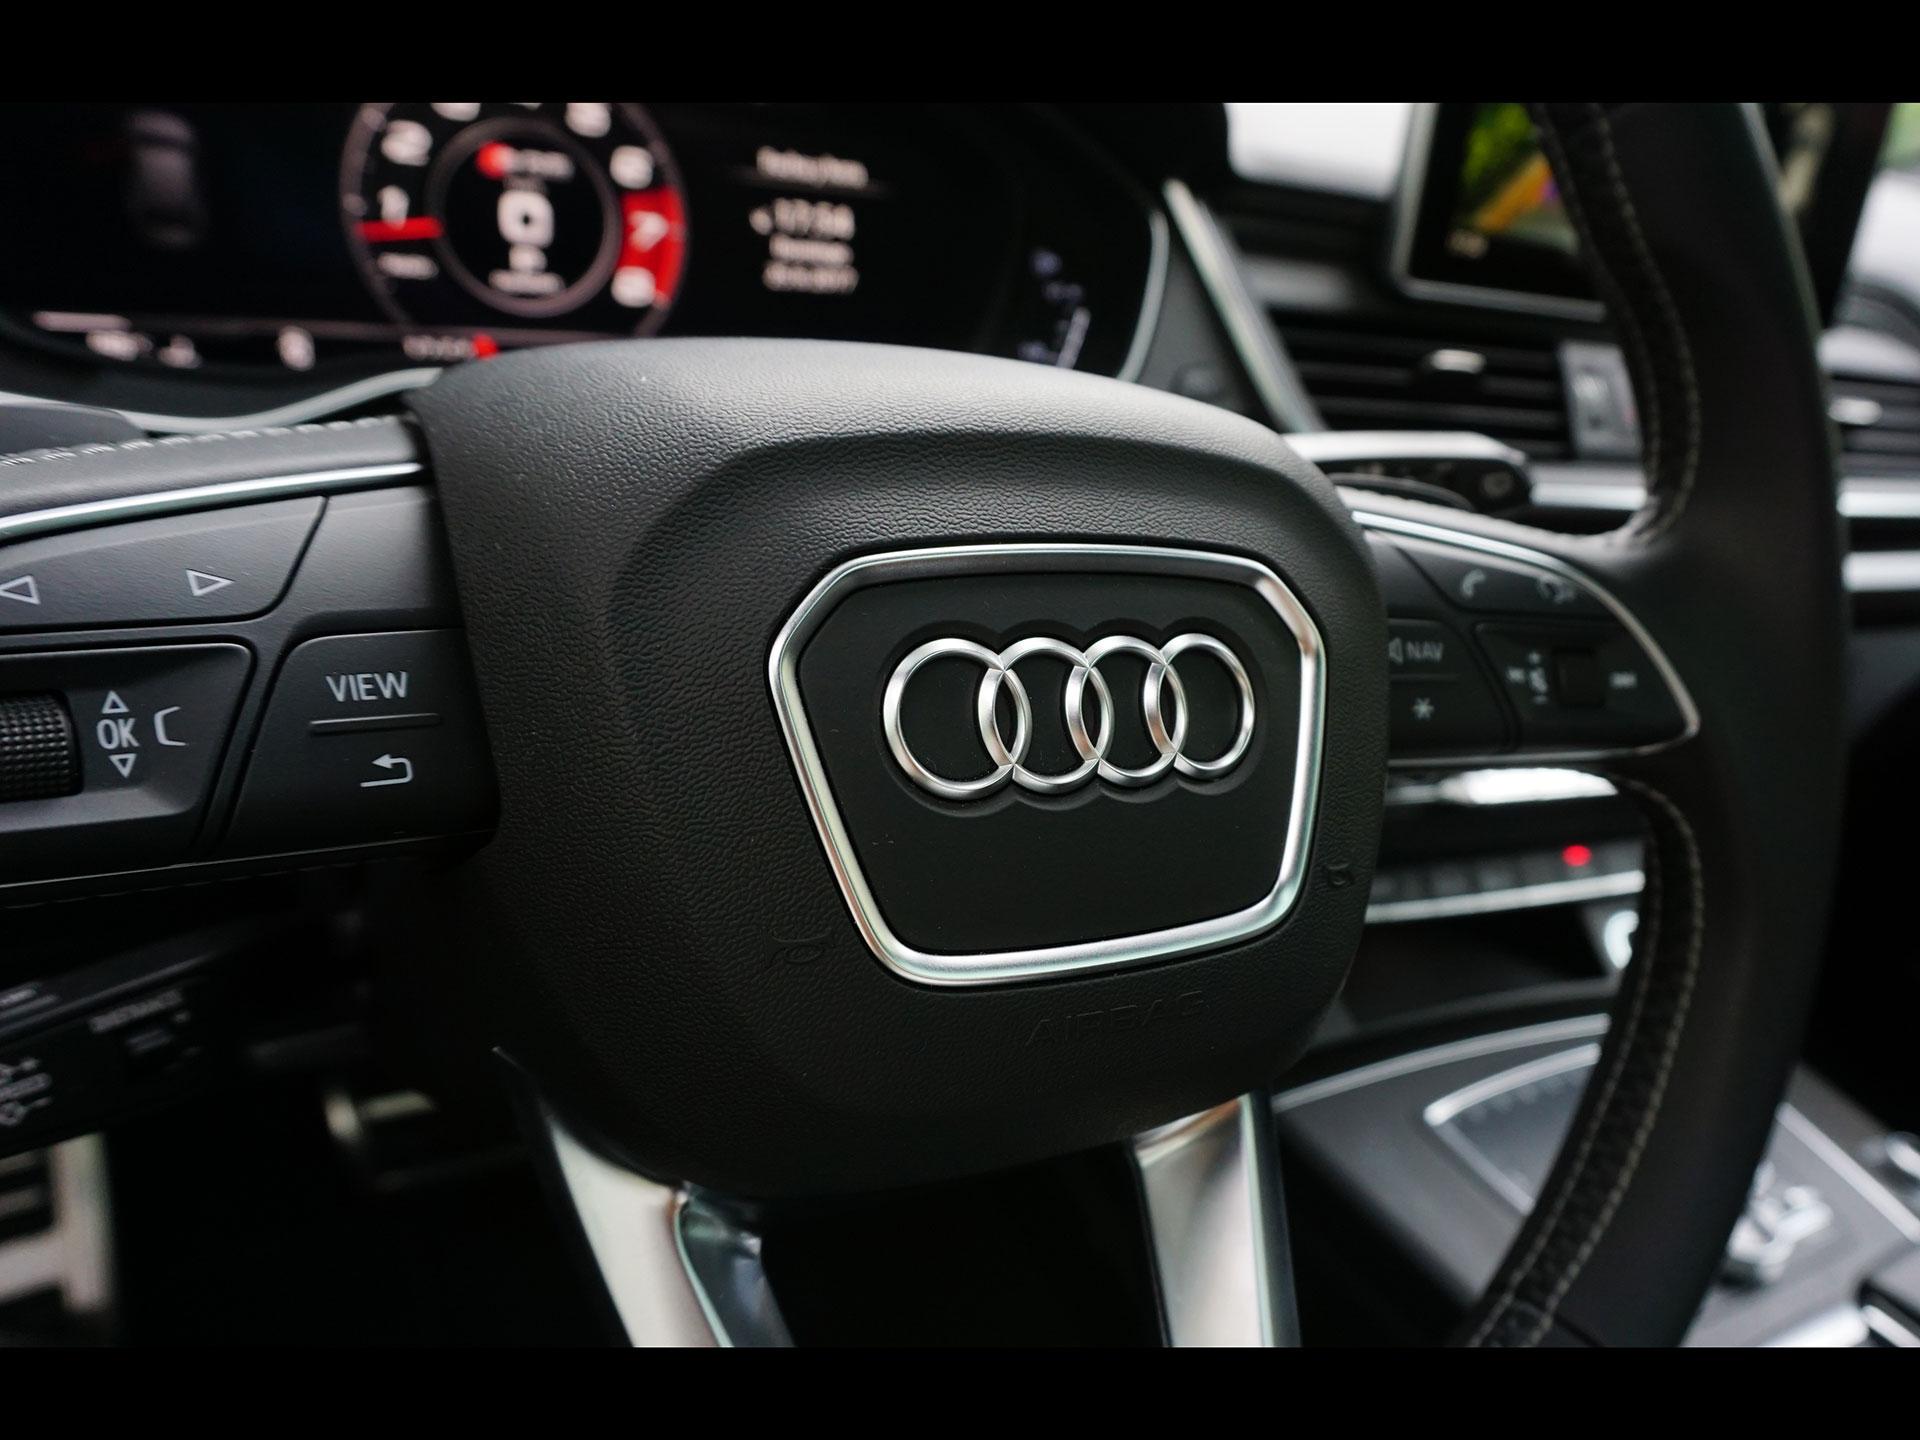 El volante, recordado de la parte inferior, está forrado en piel y narra con controles al volante. Foto: Marco Robles